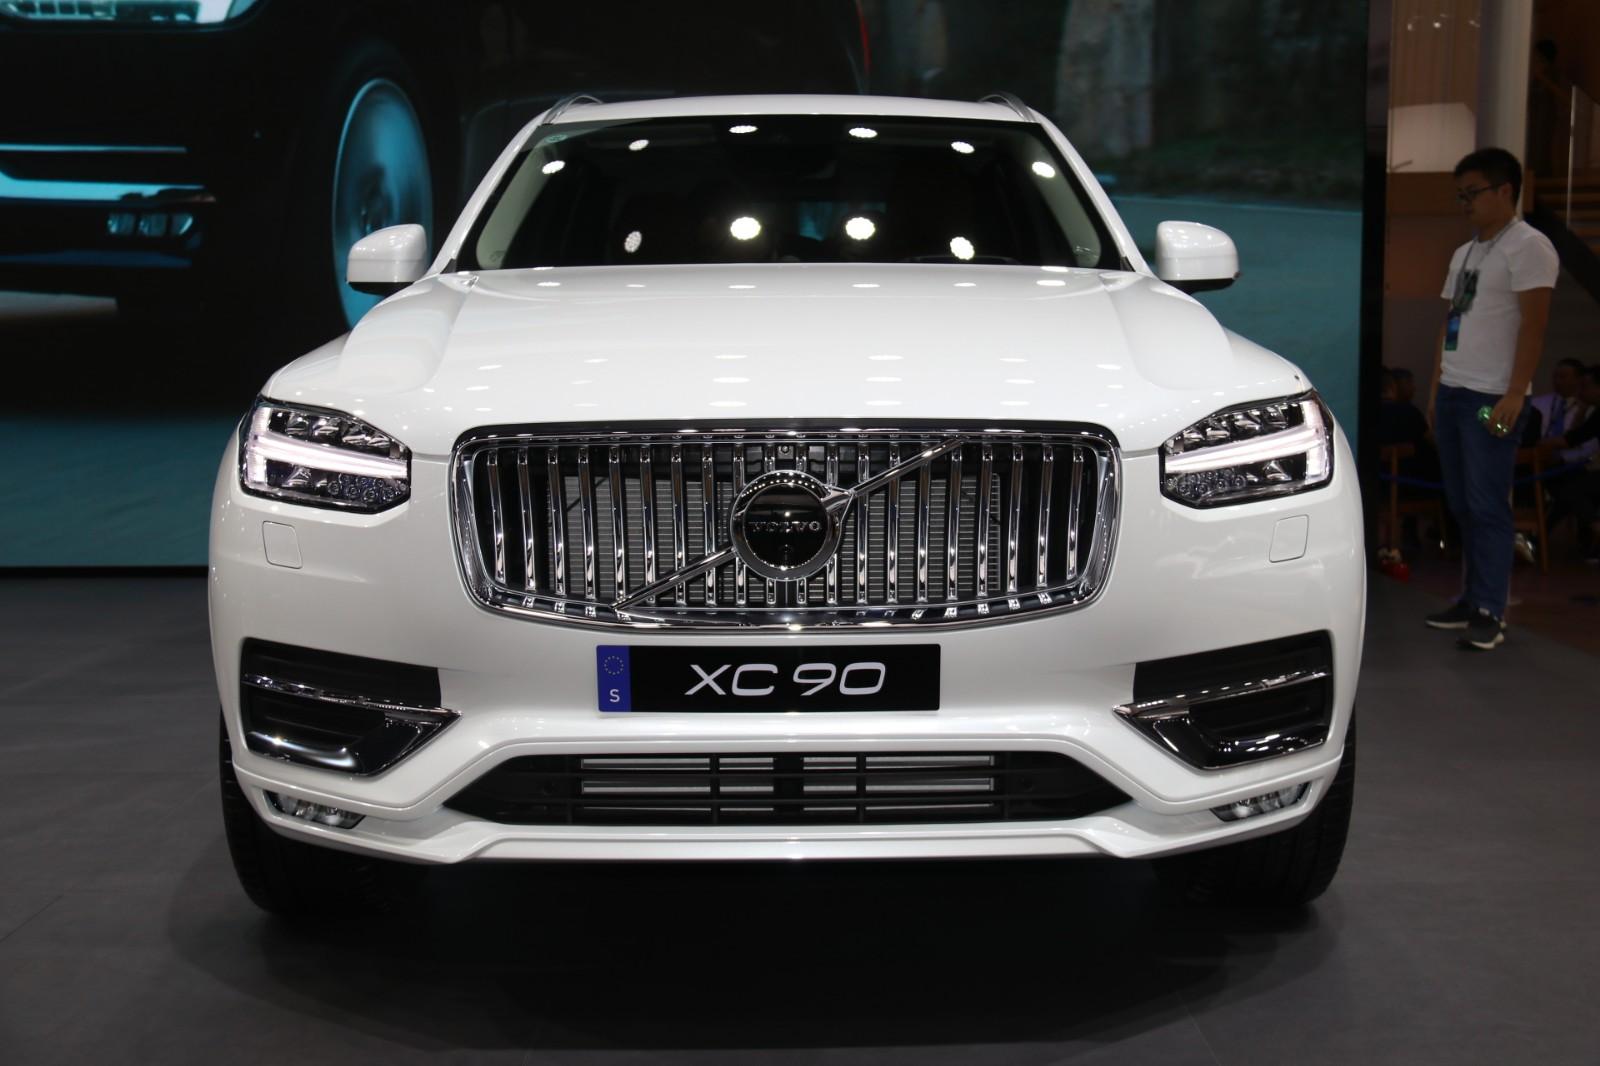 2019成都车展|新款沃尔沃XC90上市 售63.39万元起